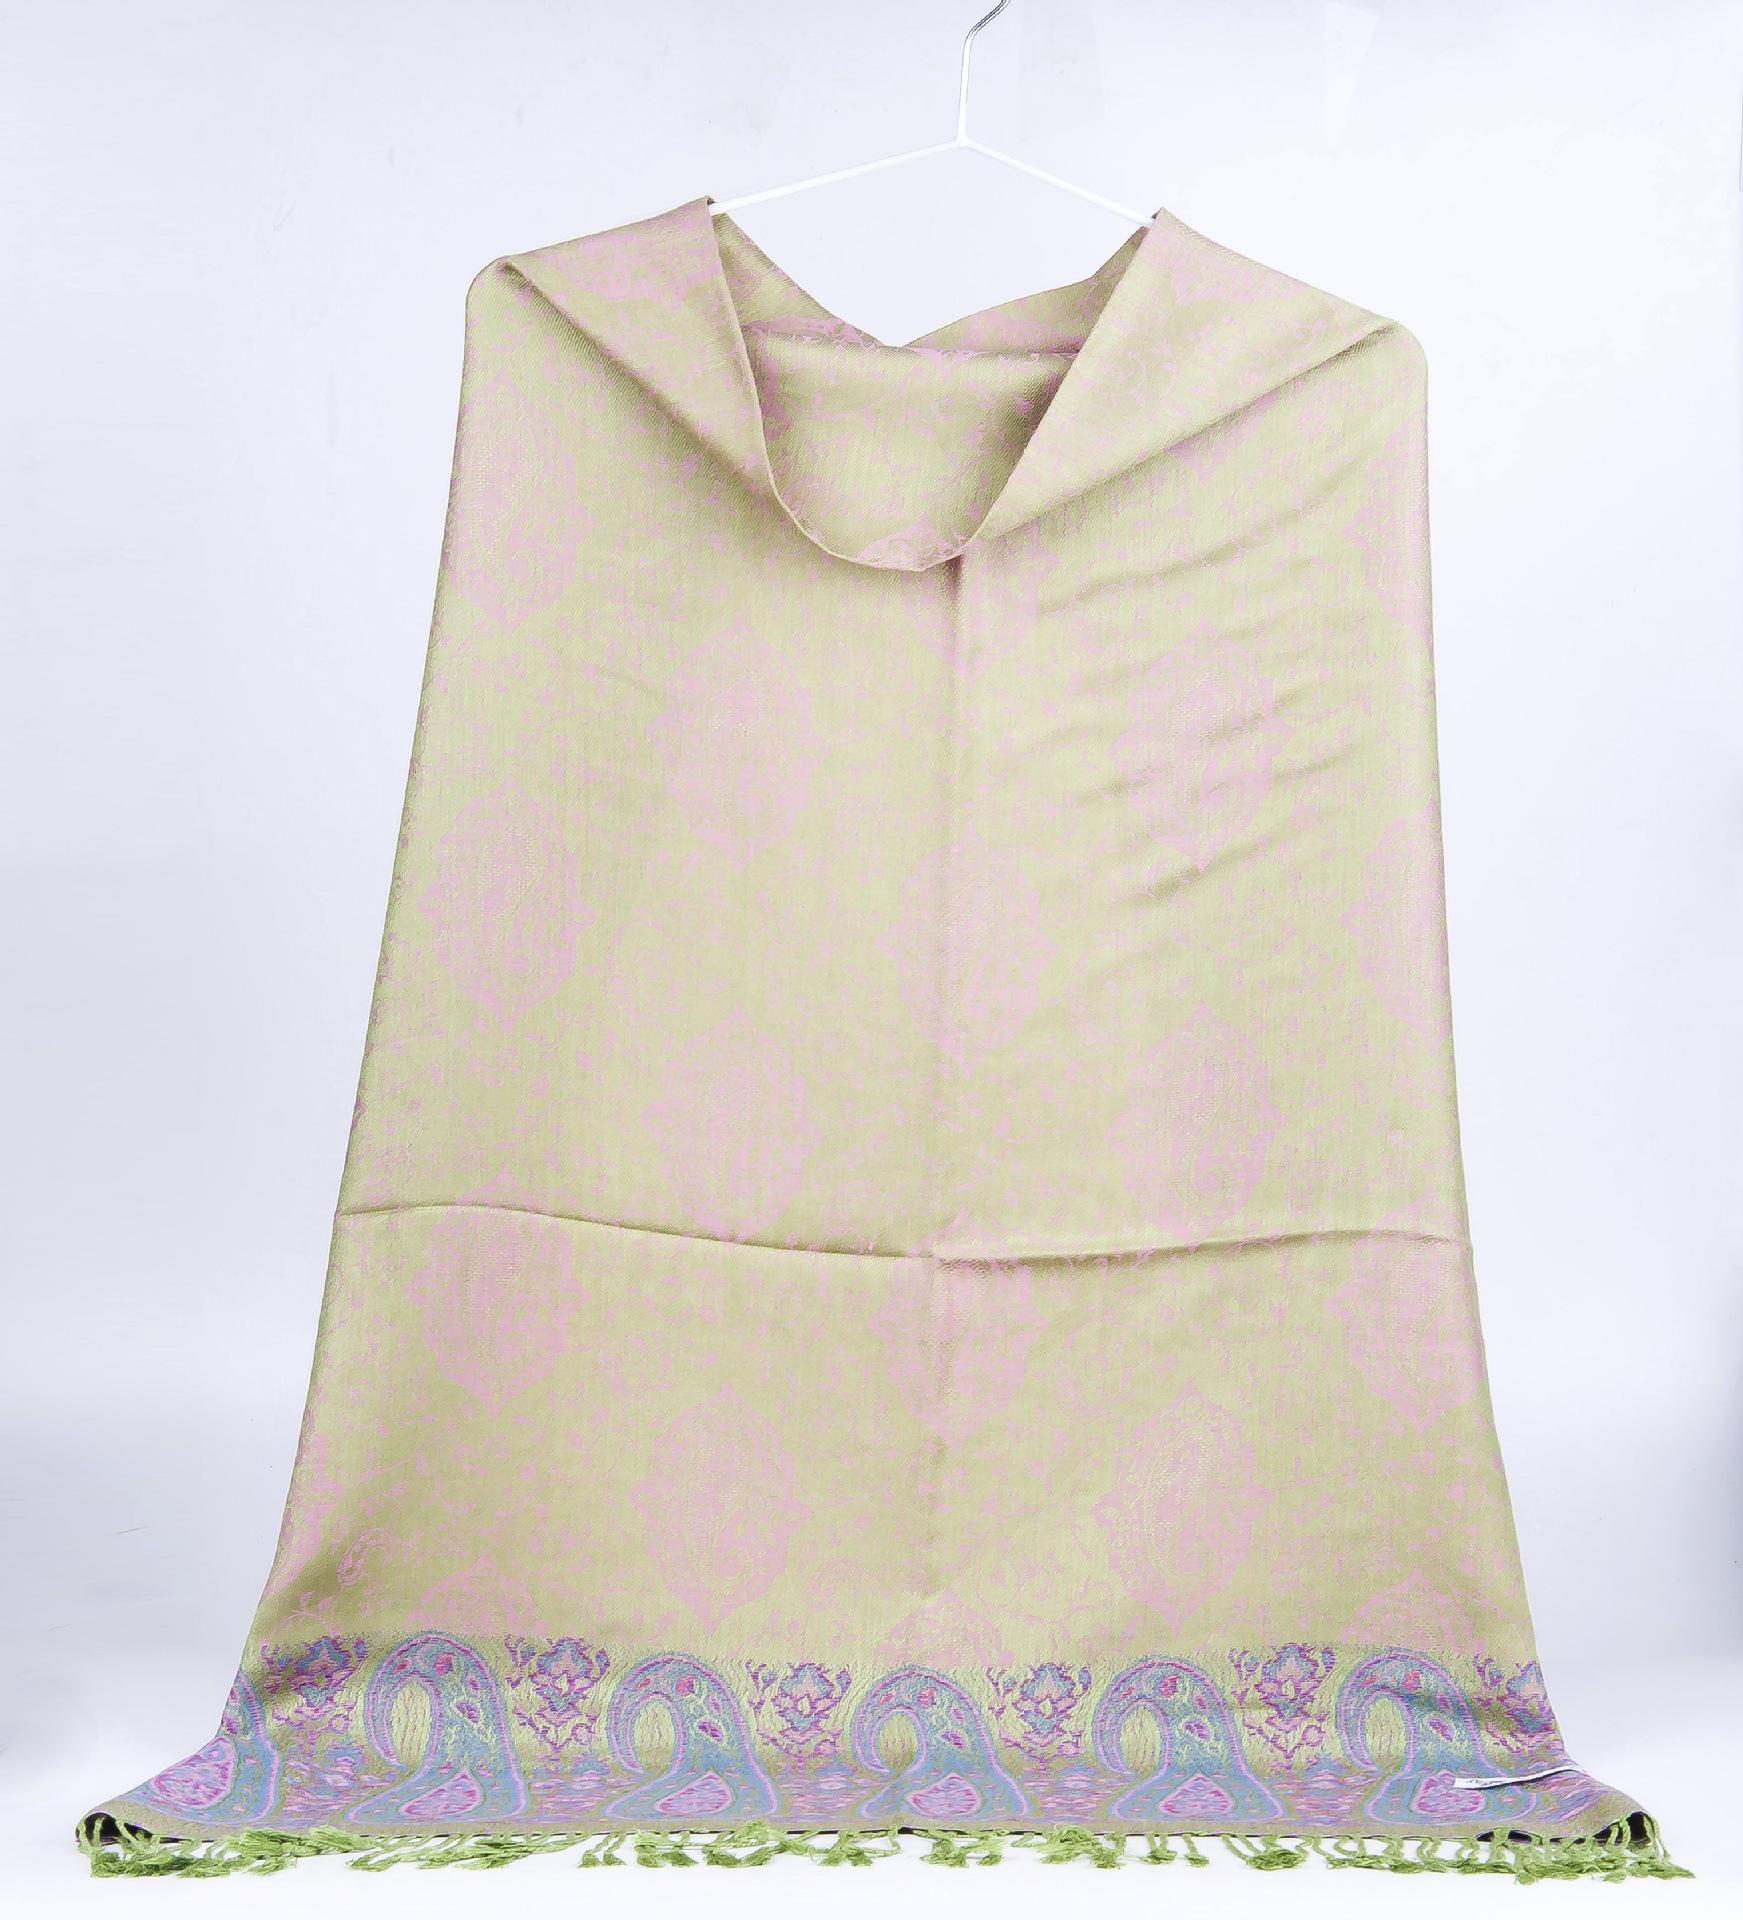 [2] 双八字 韩式披肩式围巾系法,也称双八字系法,这种系法是最简单的